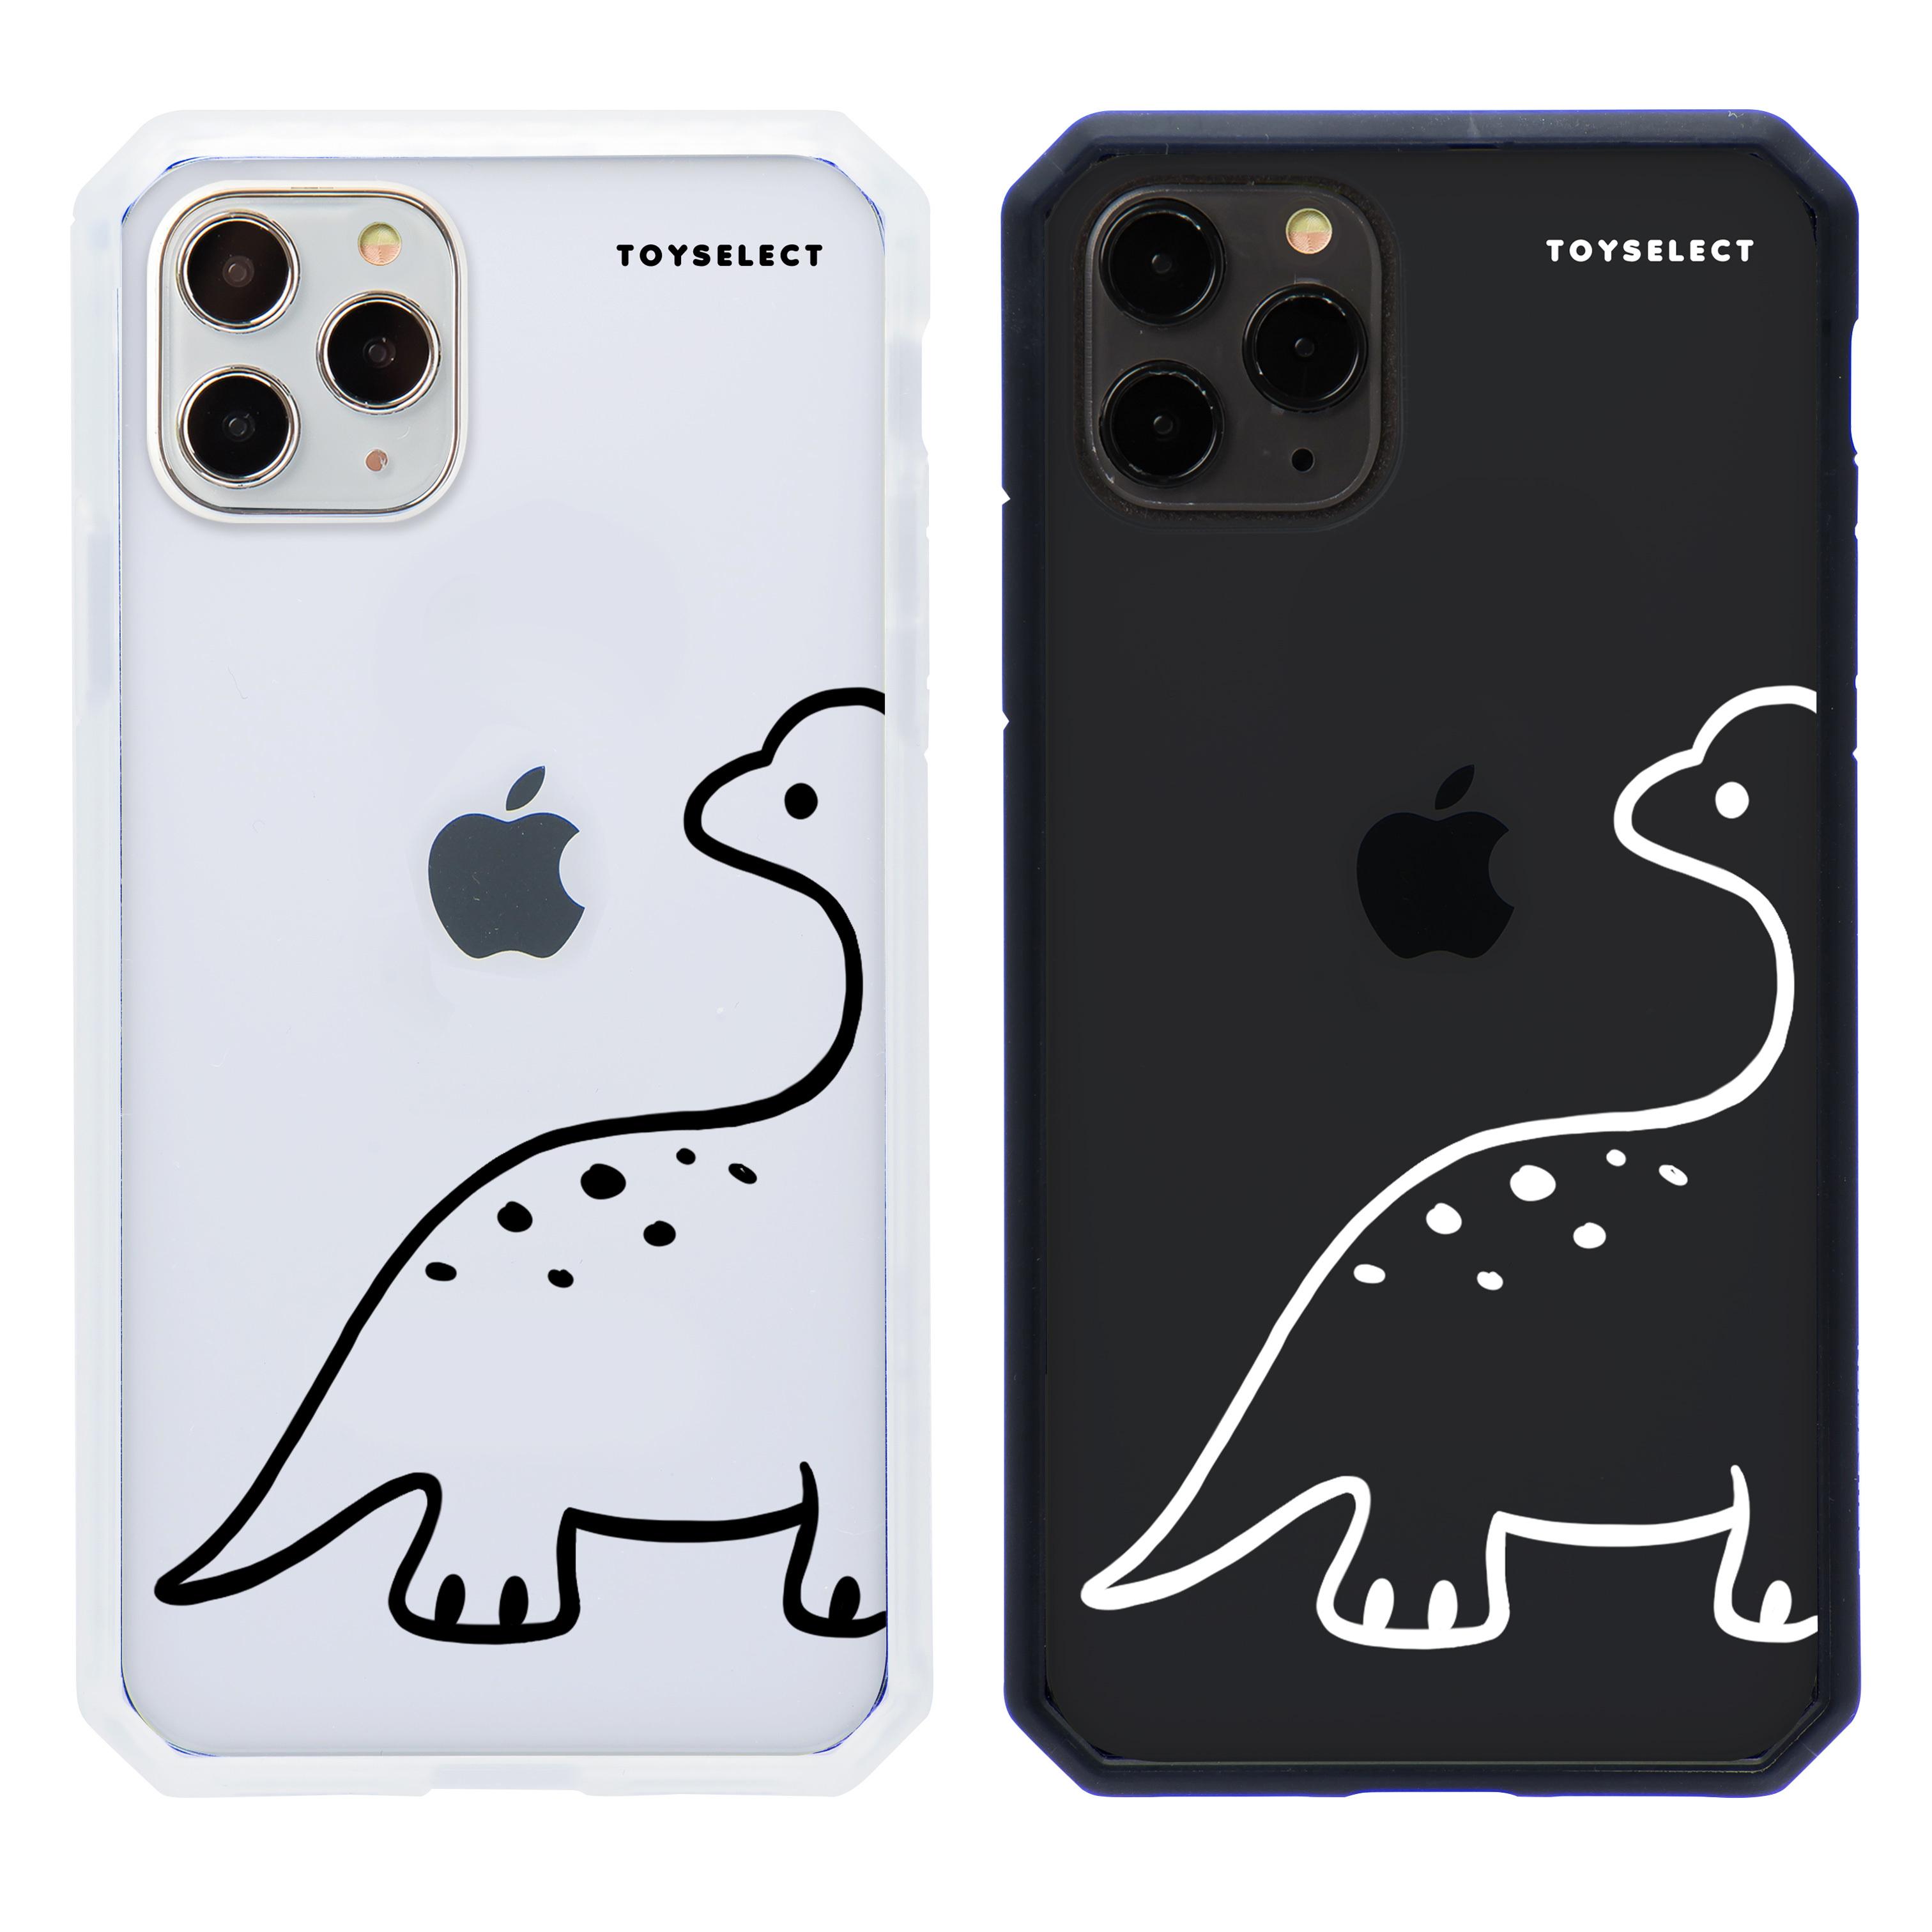 【獨家款】簡約恐龍線條防爆抗摔iPhone手機殼